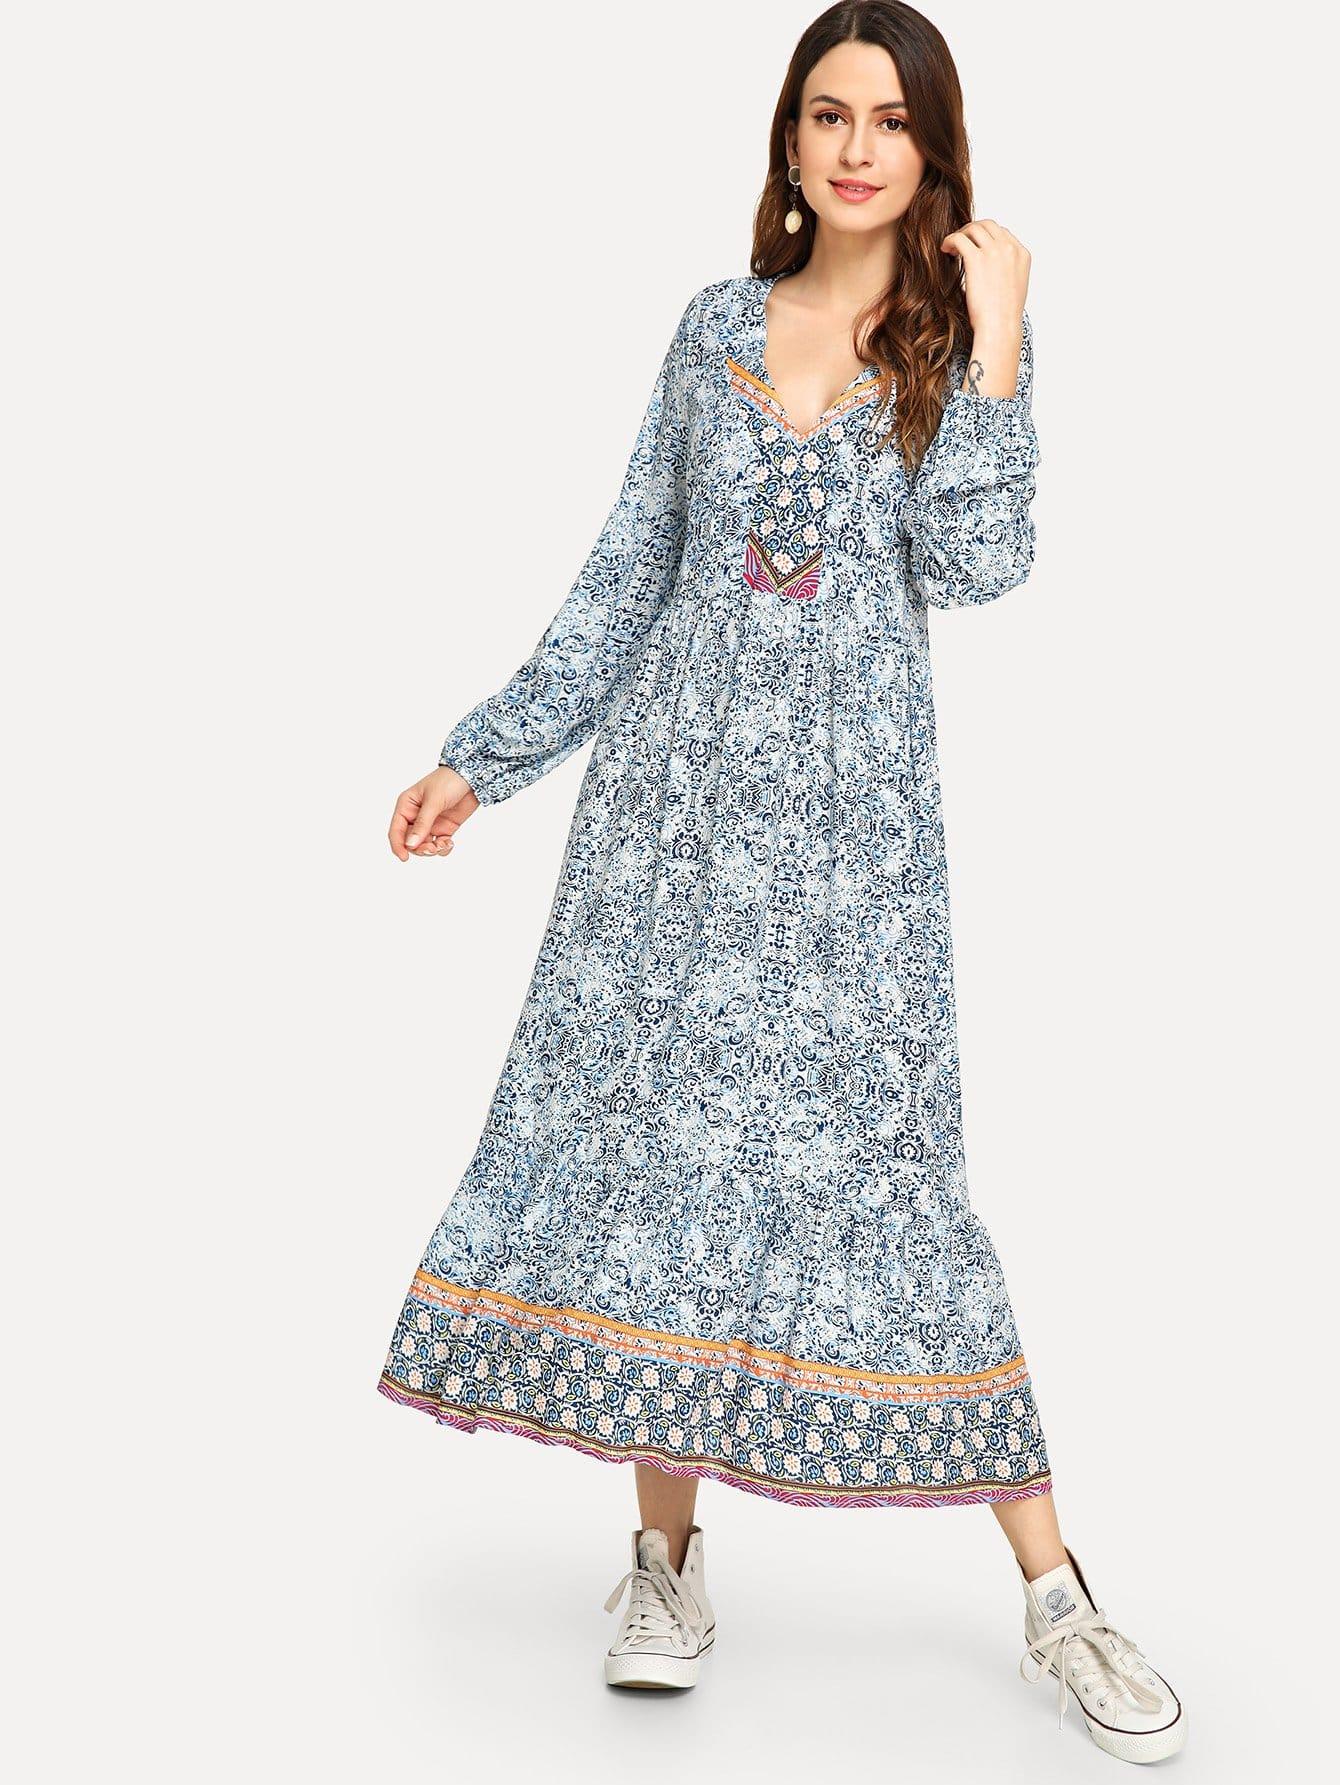 Купить Платье с принтом племя, Jana, SheIn